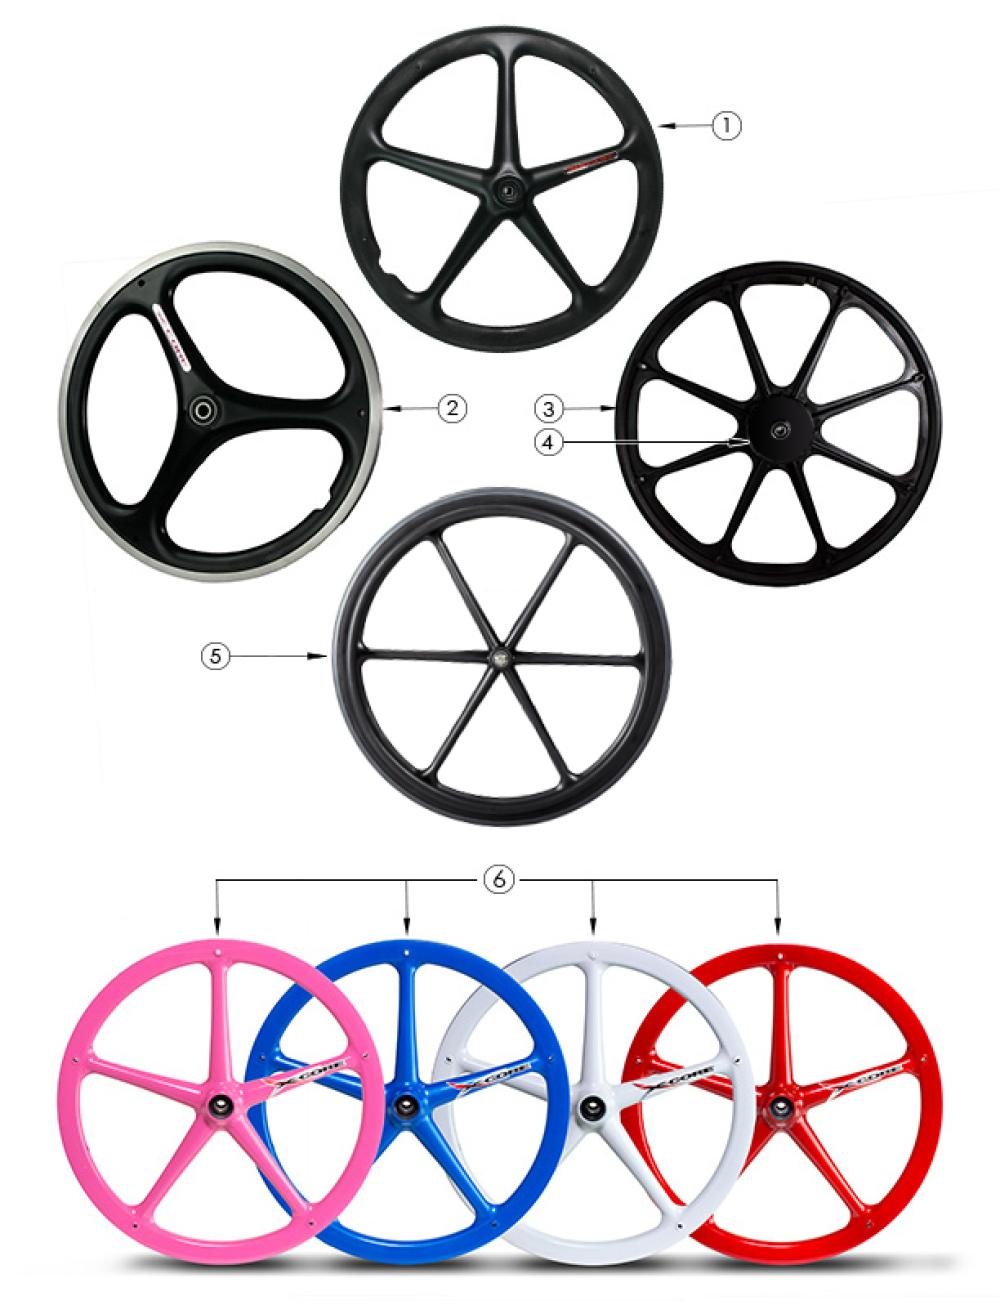 Rogue Xp Mag Wheel parts diagram